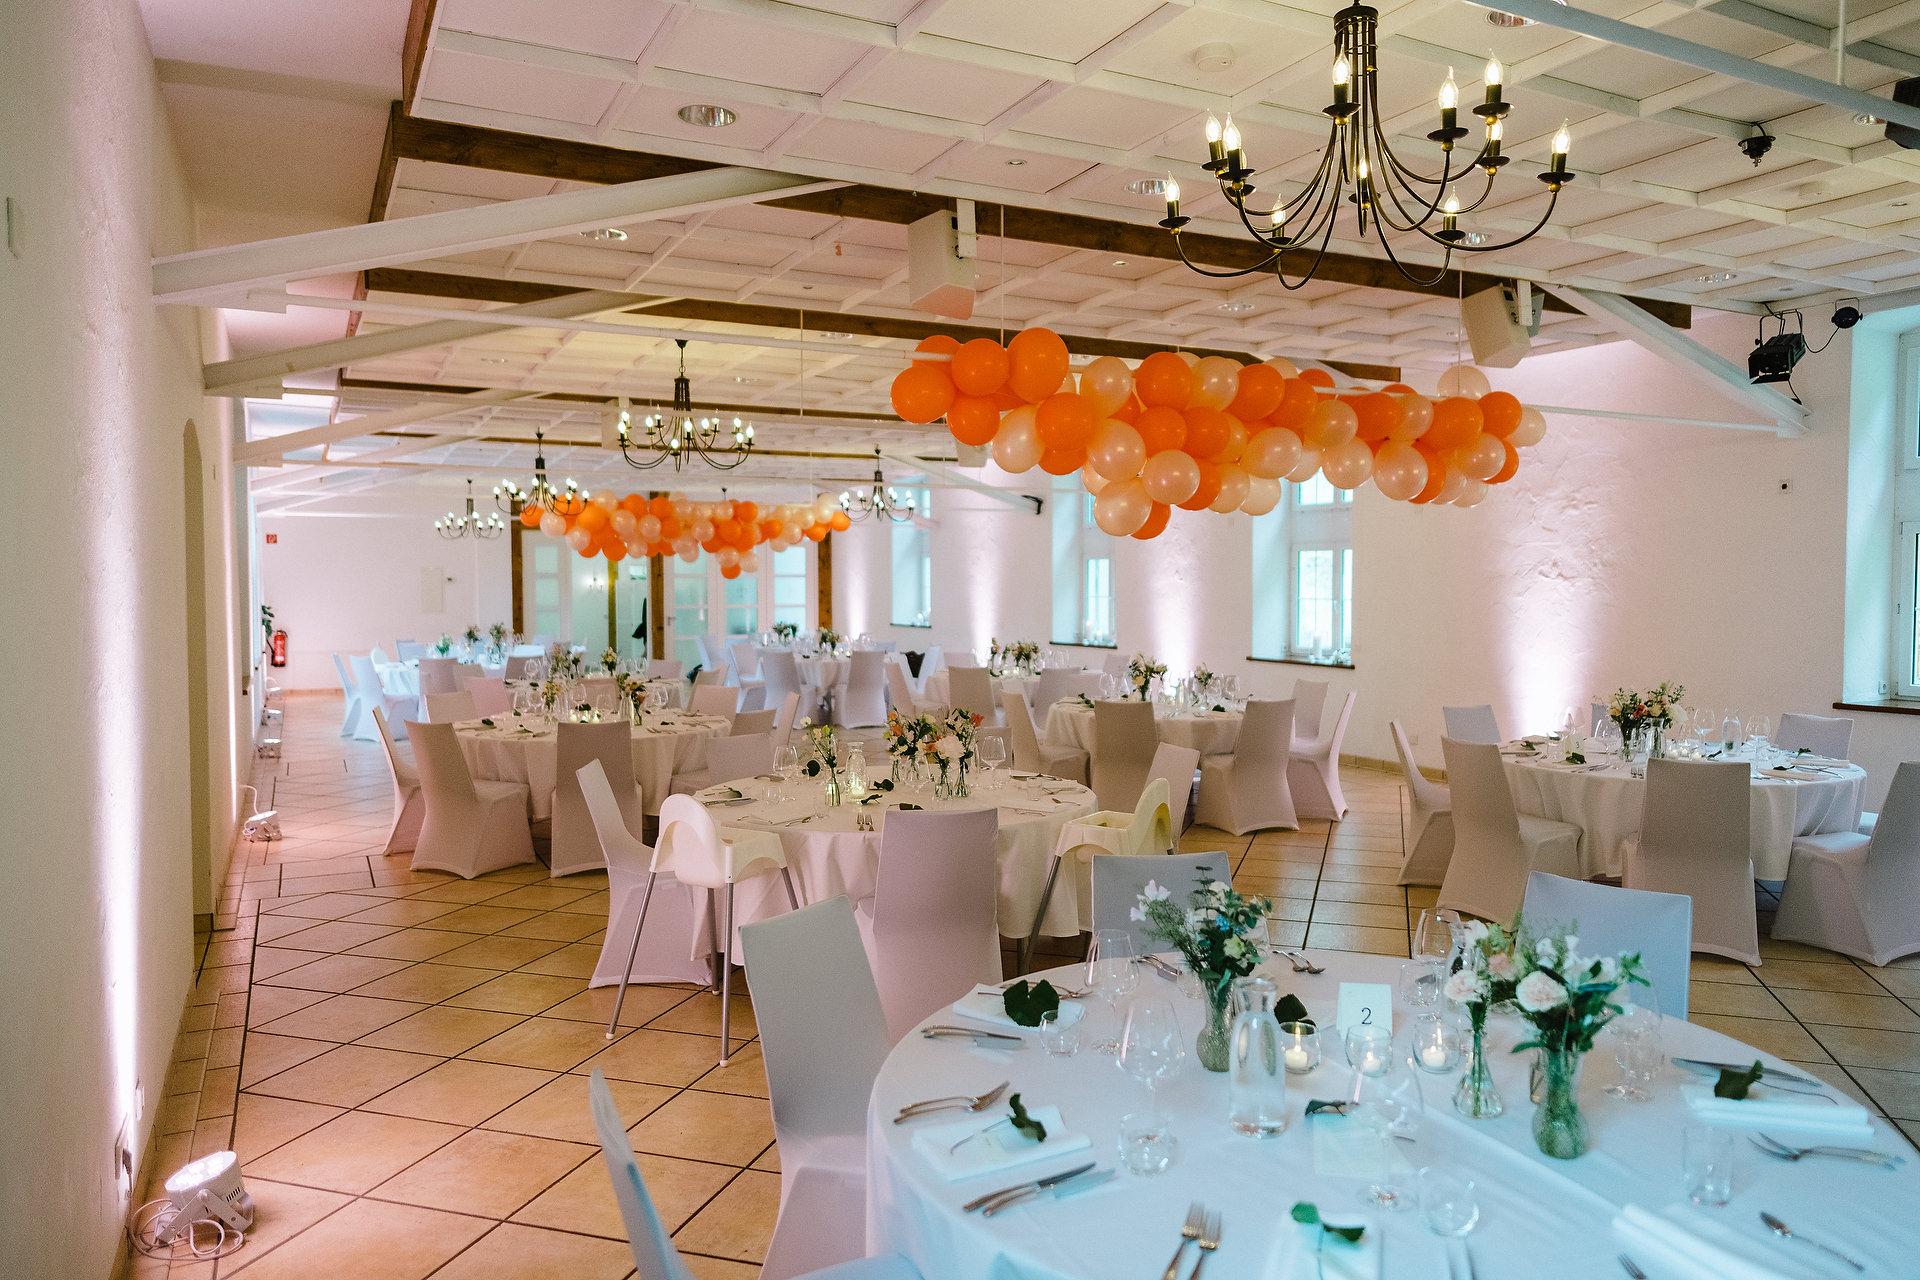 Fotograf Konstanz - Hochzeitsreportage Freiburg Hofgut Lilienhof Hochzeit Fotograf Konstanz 116 2 - Hochzeit in Freiburg und Hofgut Lilienhof  - 165 -